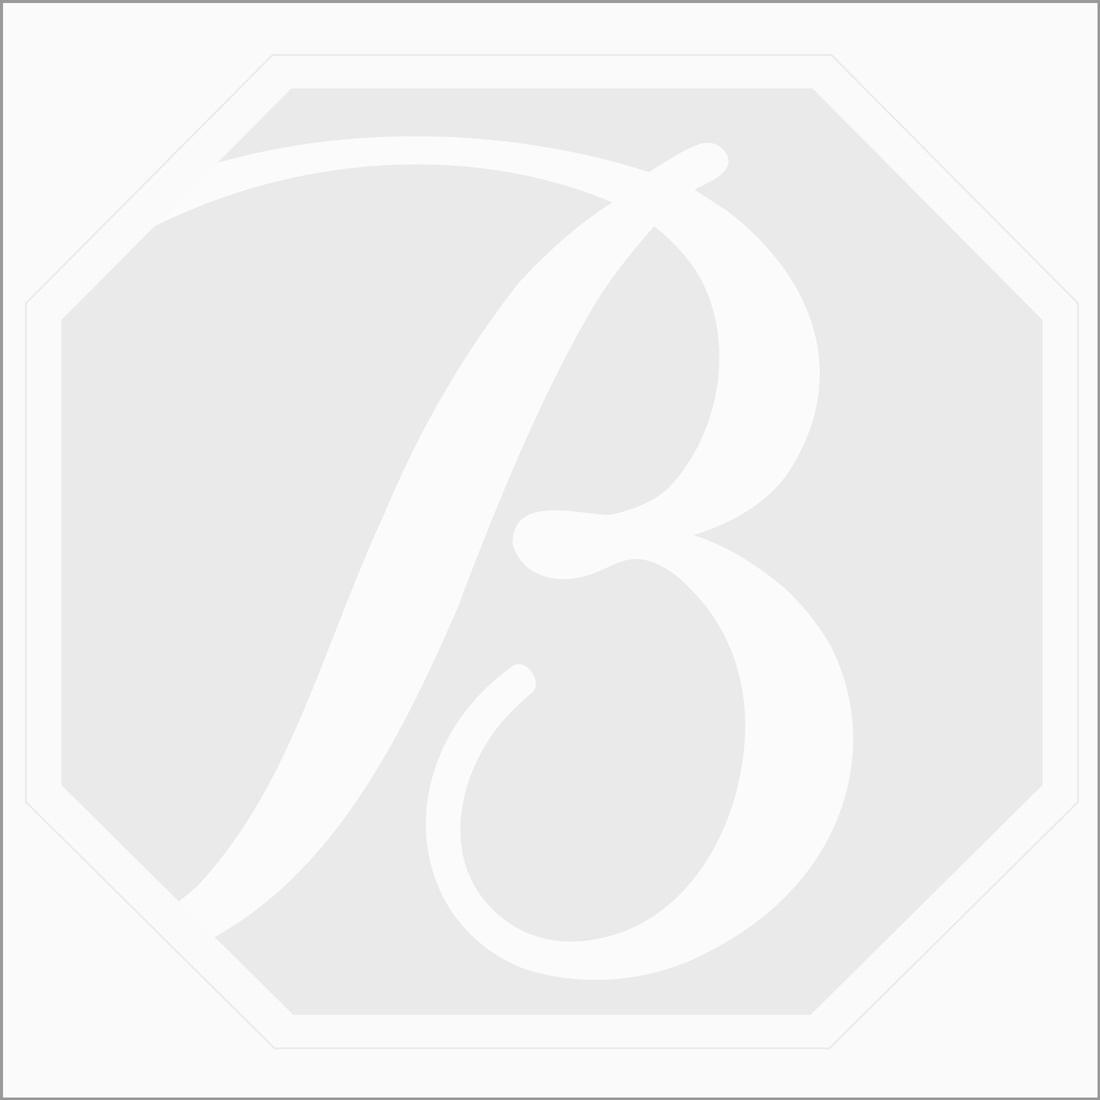 2 Pcs - 4.67 ct. - Green Tourmaline Rose Cut -12.5 x 8.9 x 2.3 mm to 12.5 x 9.1 x 2.7 mm (TRC1087)